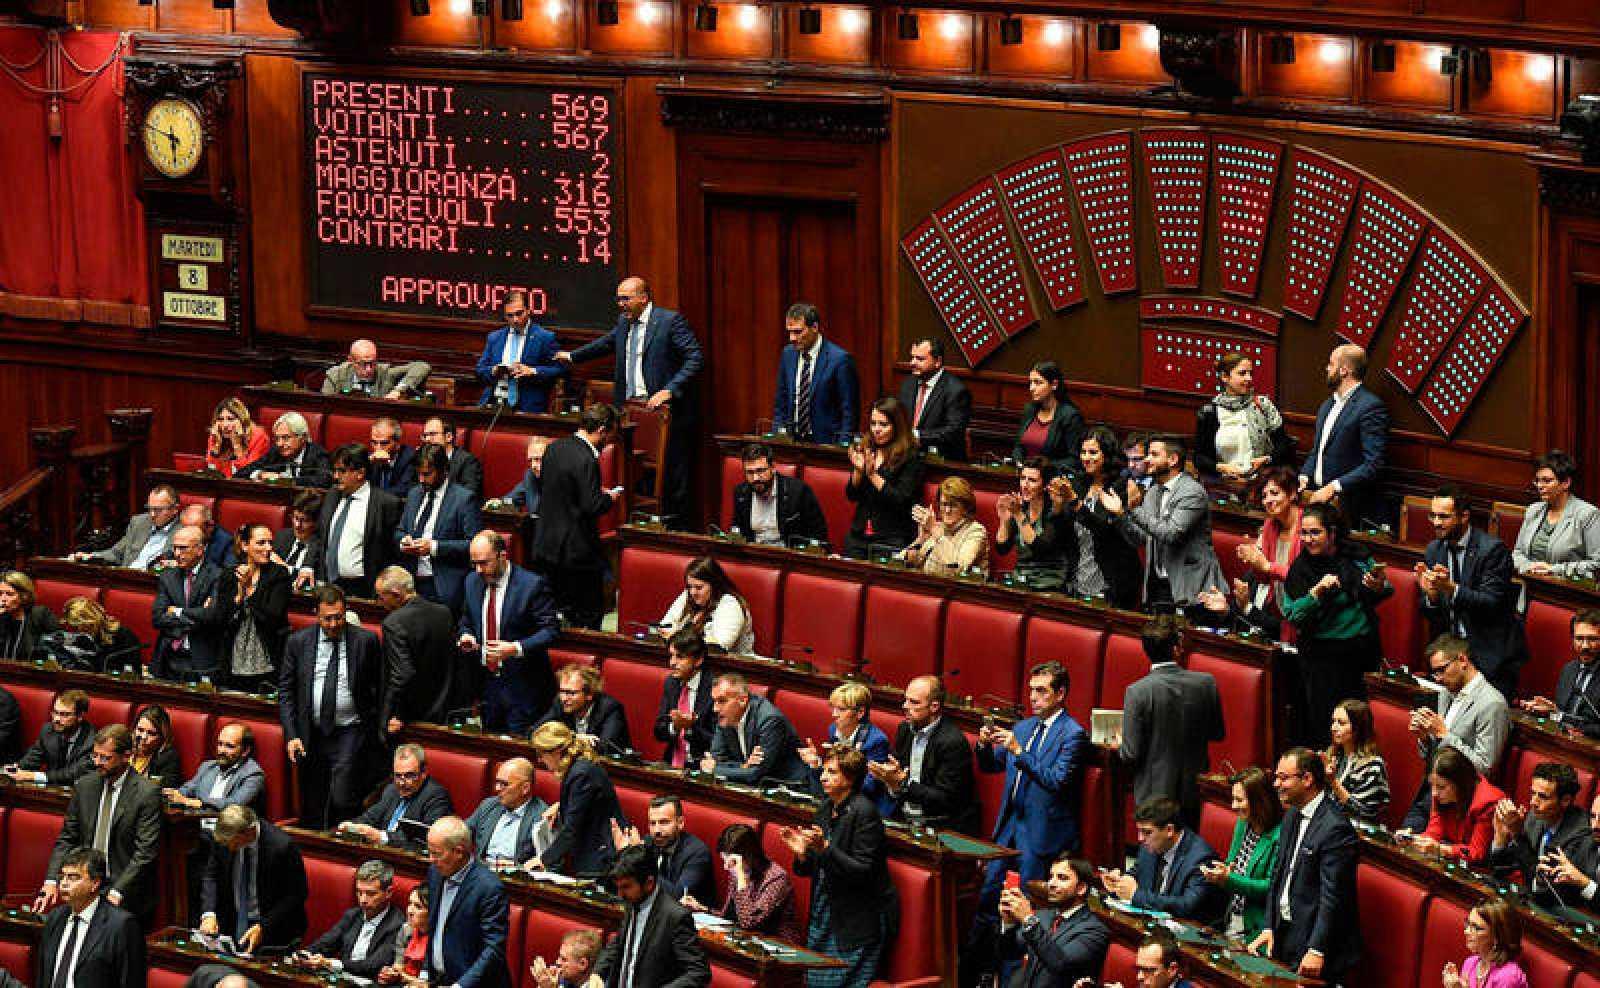 La ley fue aprobada en la Cámara de los Diputados por 553 votos a favor, 14 en contra y 2 abstenciones